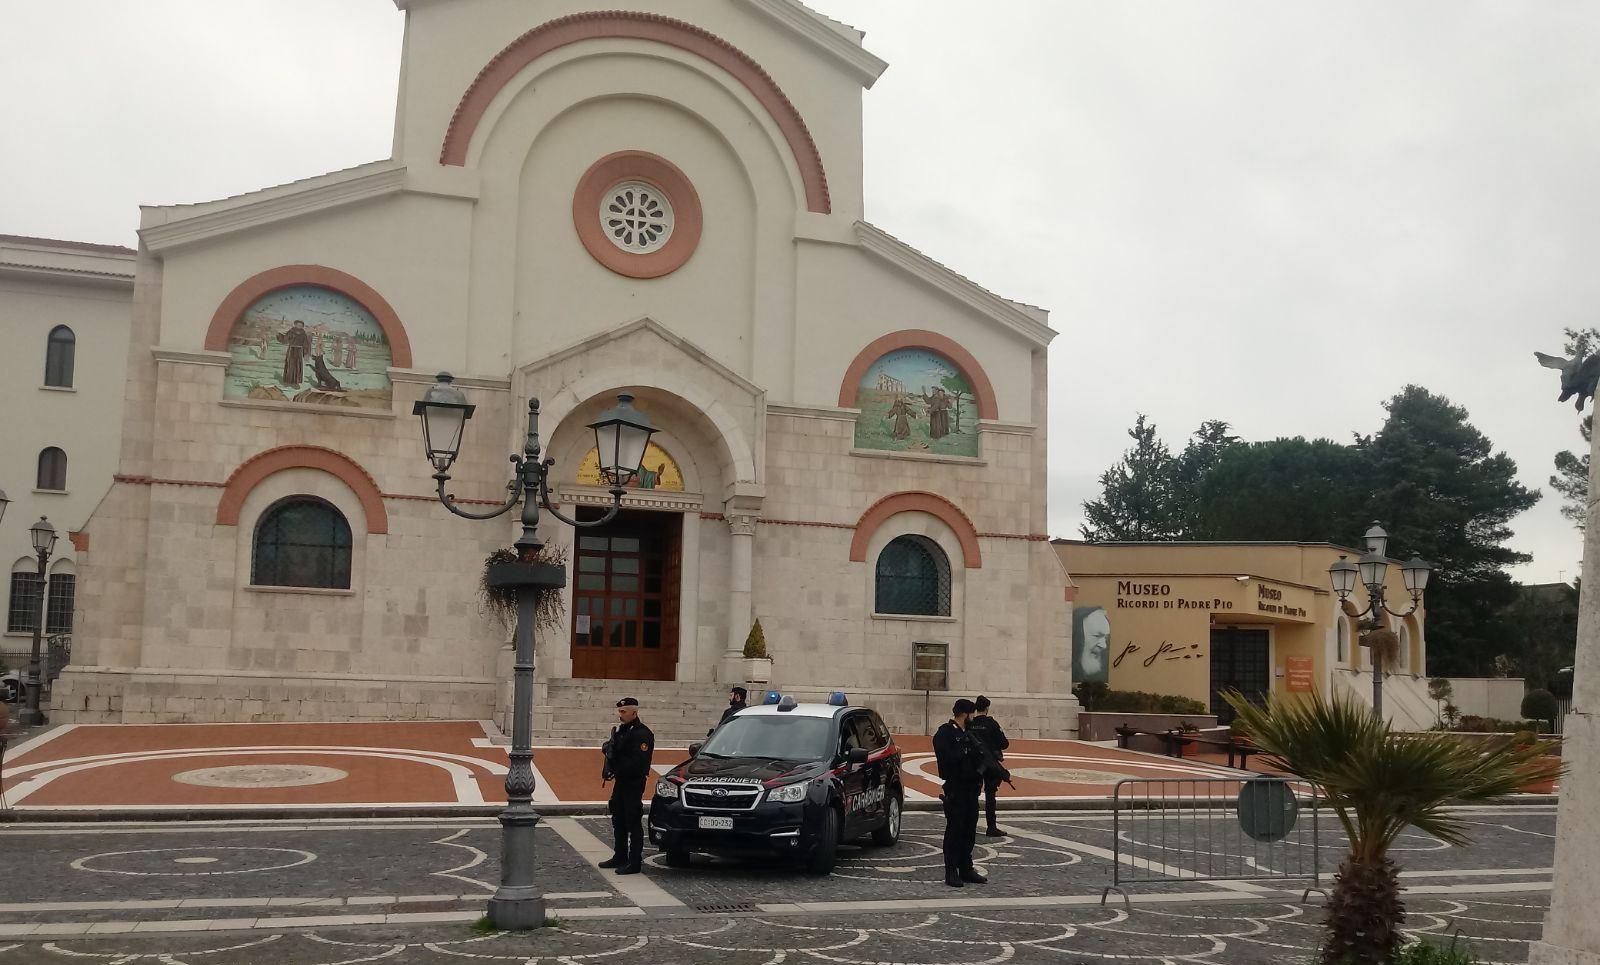 A Pietrelcina squadre operative di supporto antiterrorismo in vista della visita del Papa